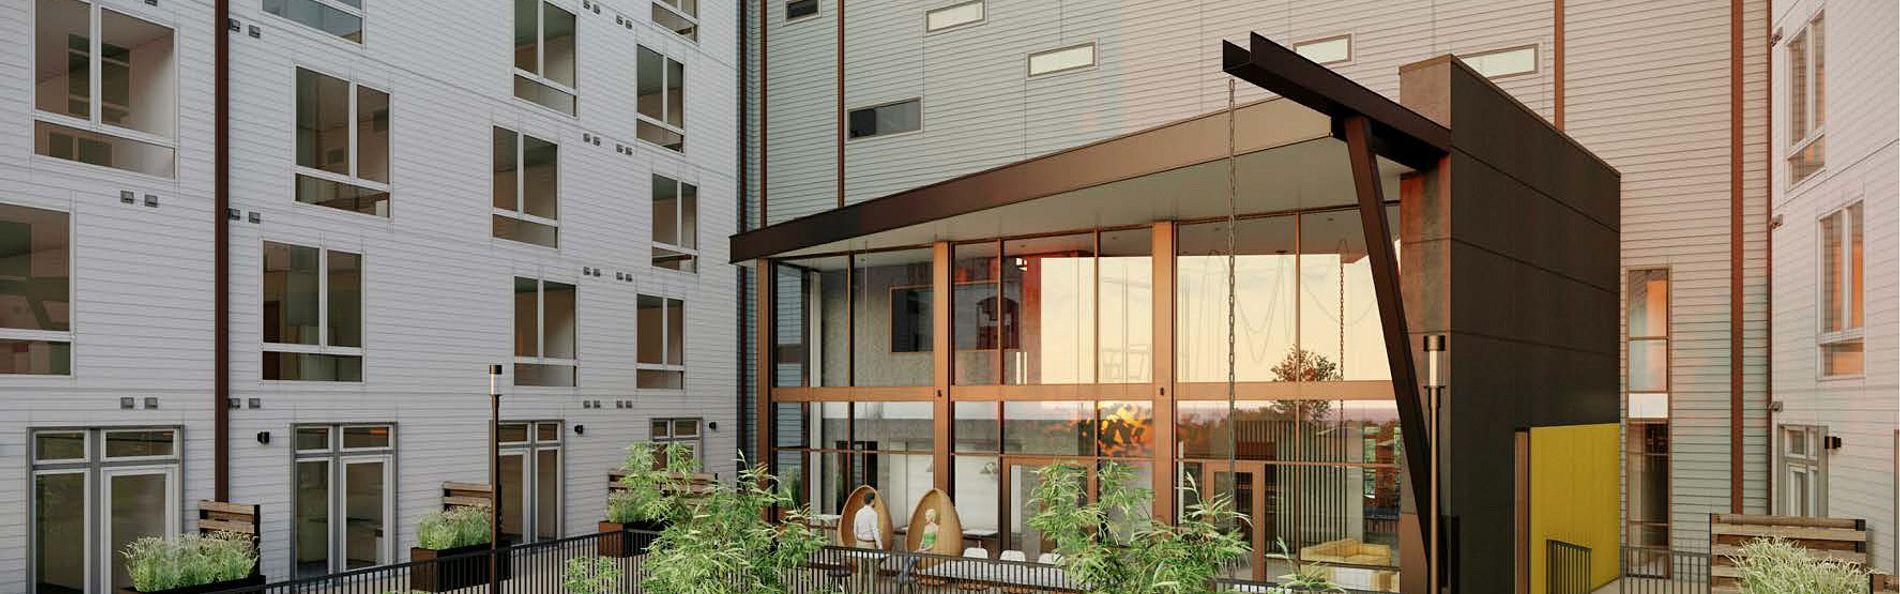 Rigsbee Apartments Rendering